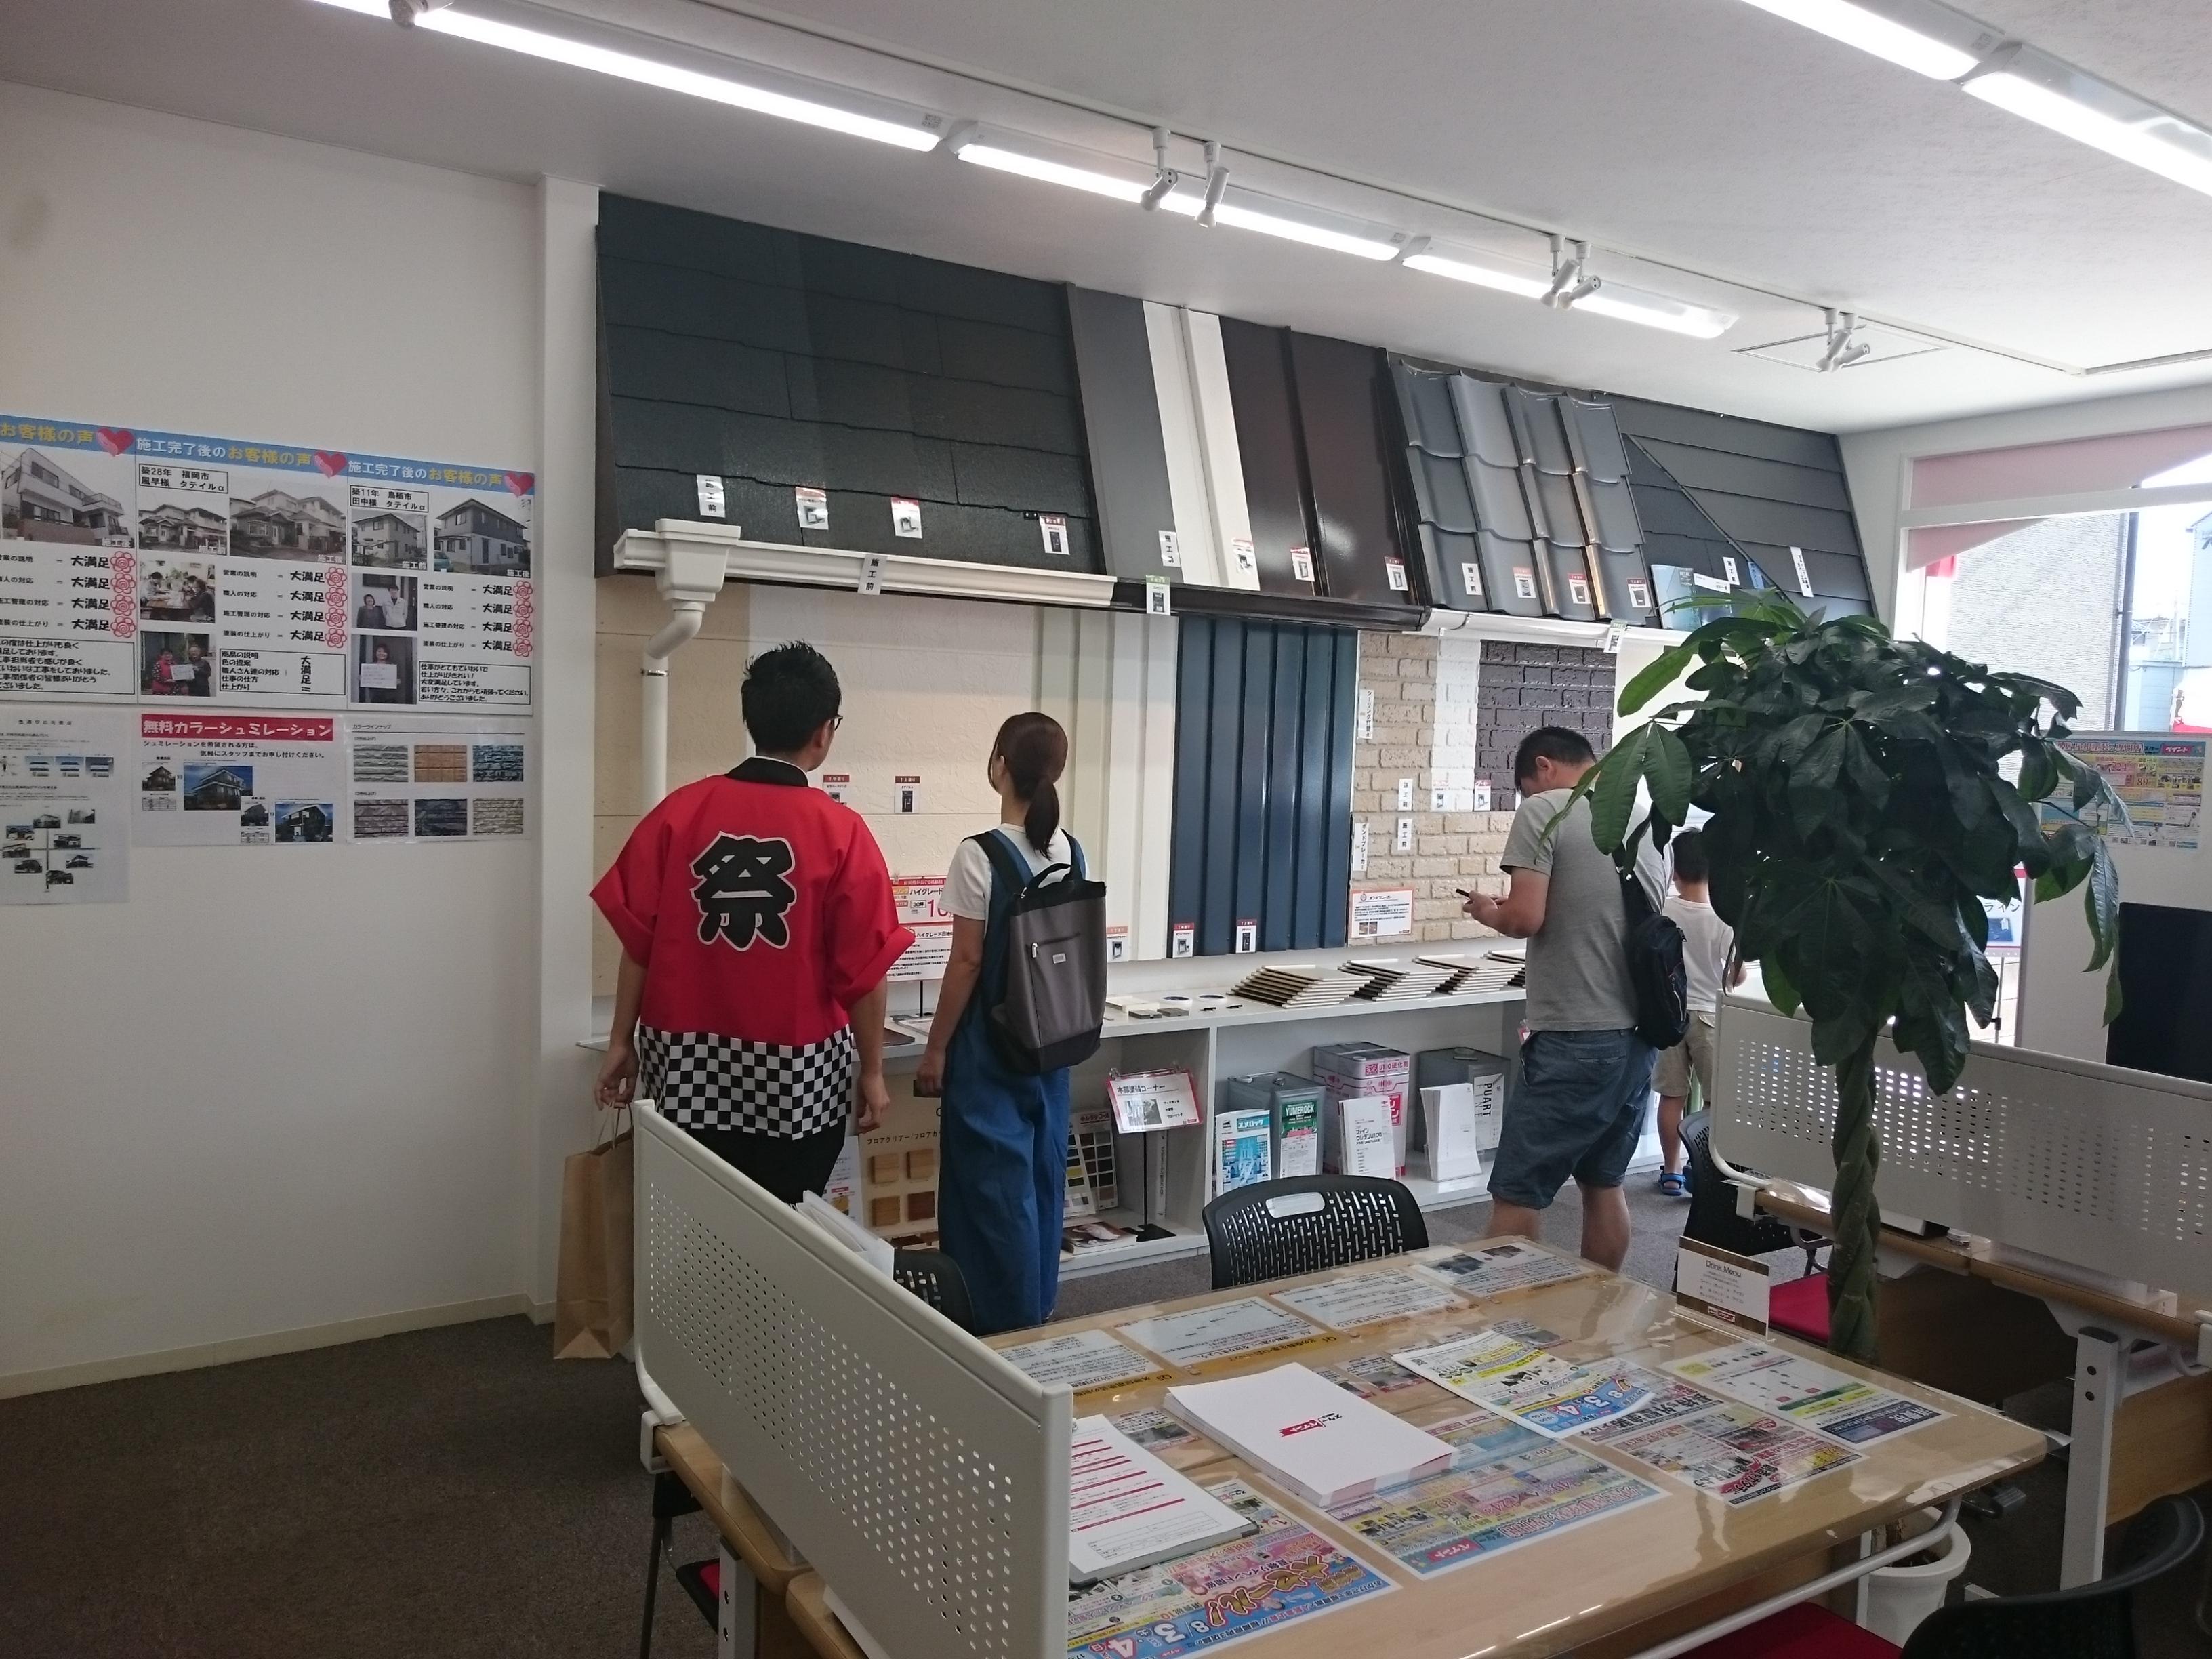 福岡 外壁塗装 屋根塗装 雨漏り 防水工事 スターペイント 専門店 ショールーム